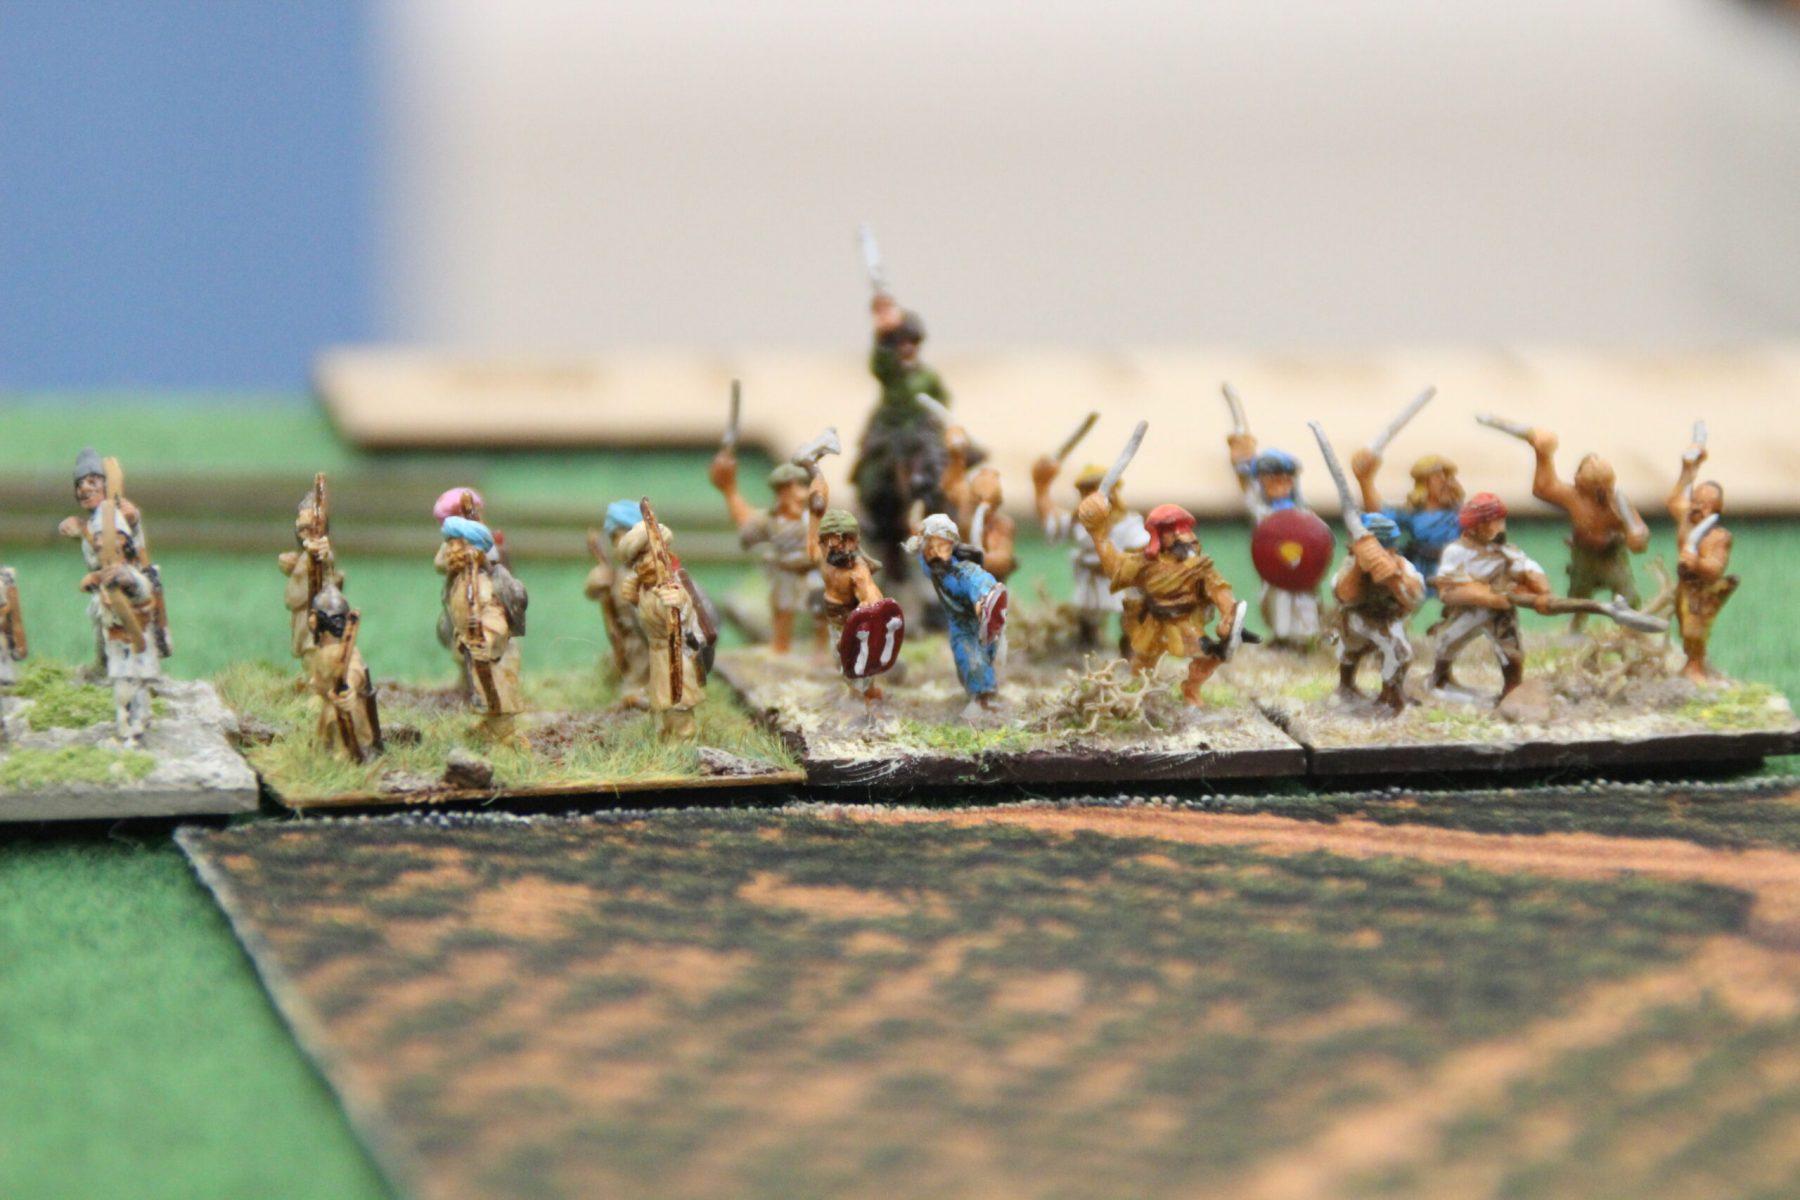 Des archers et Dalaimites Arabes prennent position devant un champ d'Oliviers.